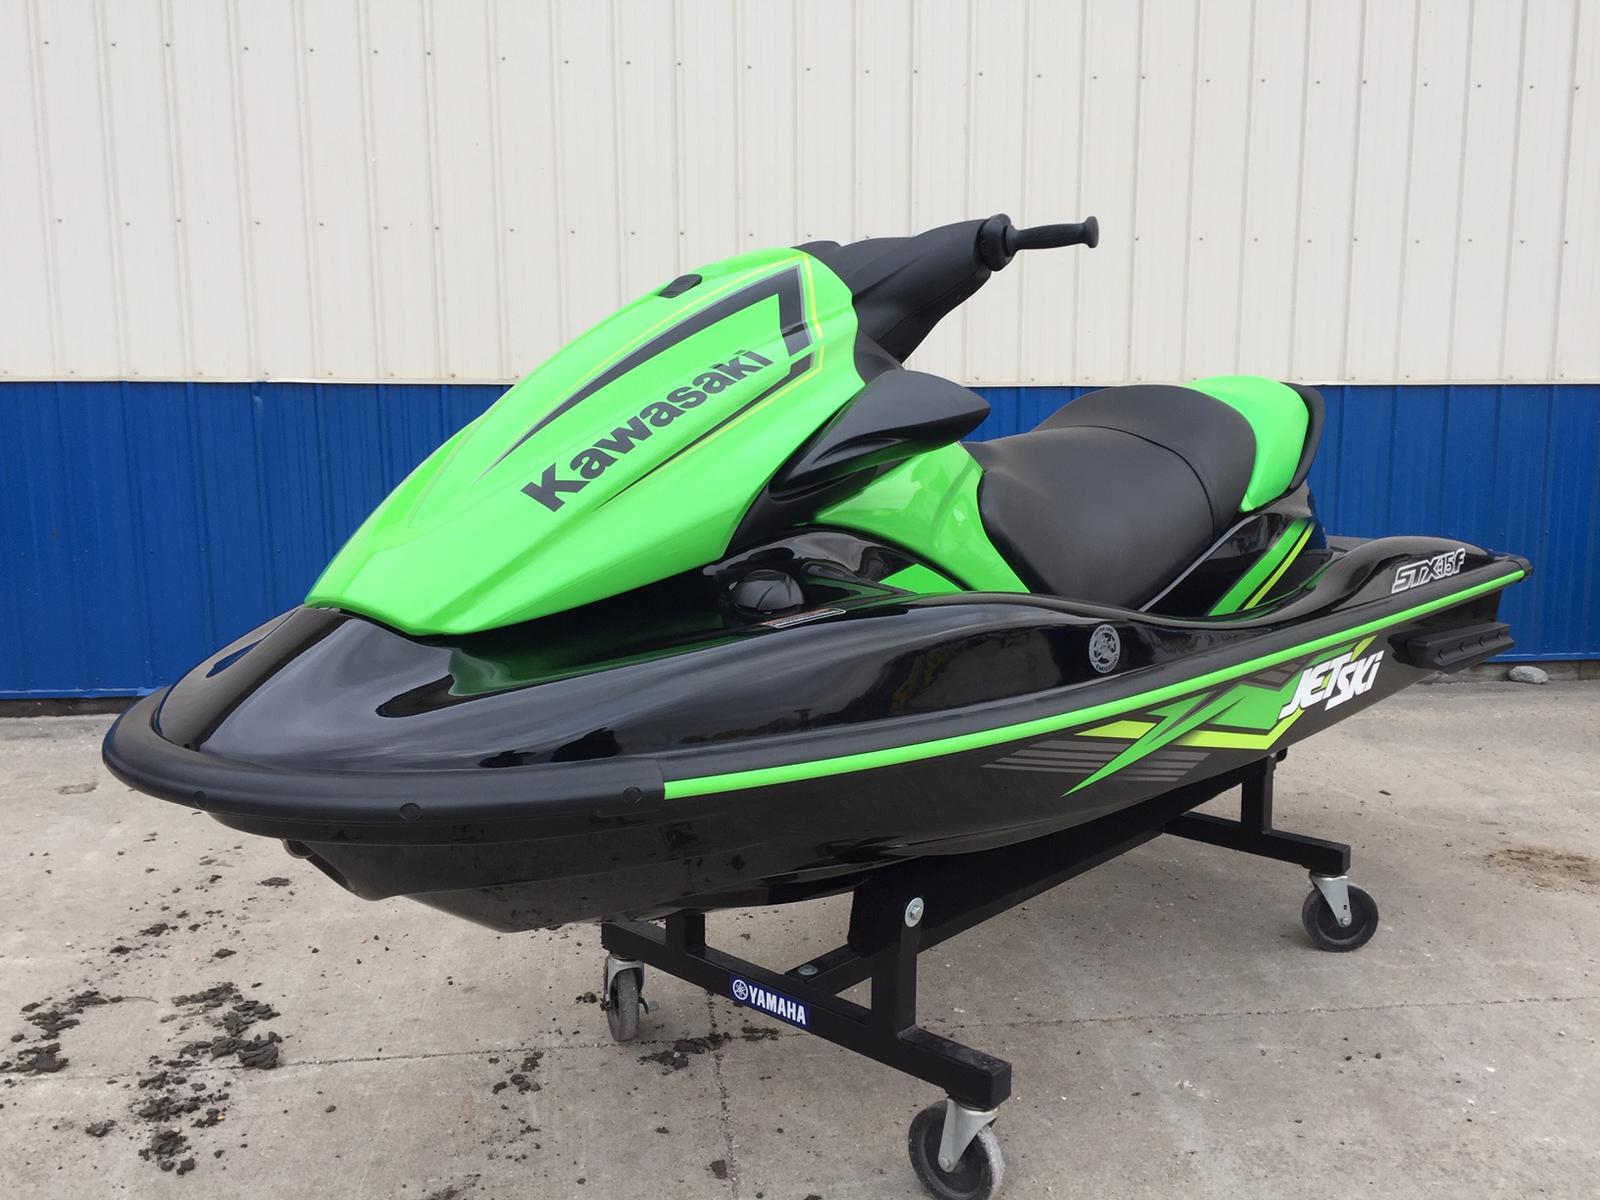 Kawasaki Stx 15f >> 2019 Kawasaki Stx 15f